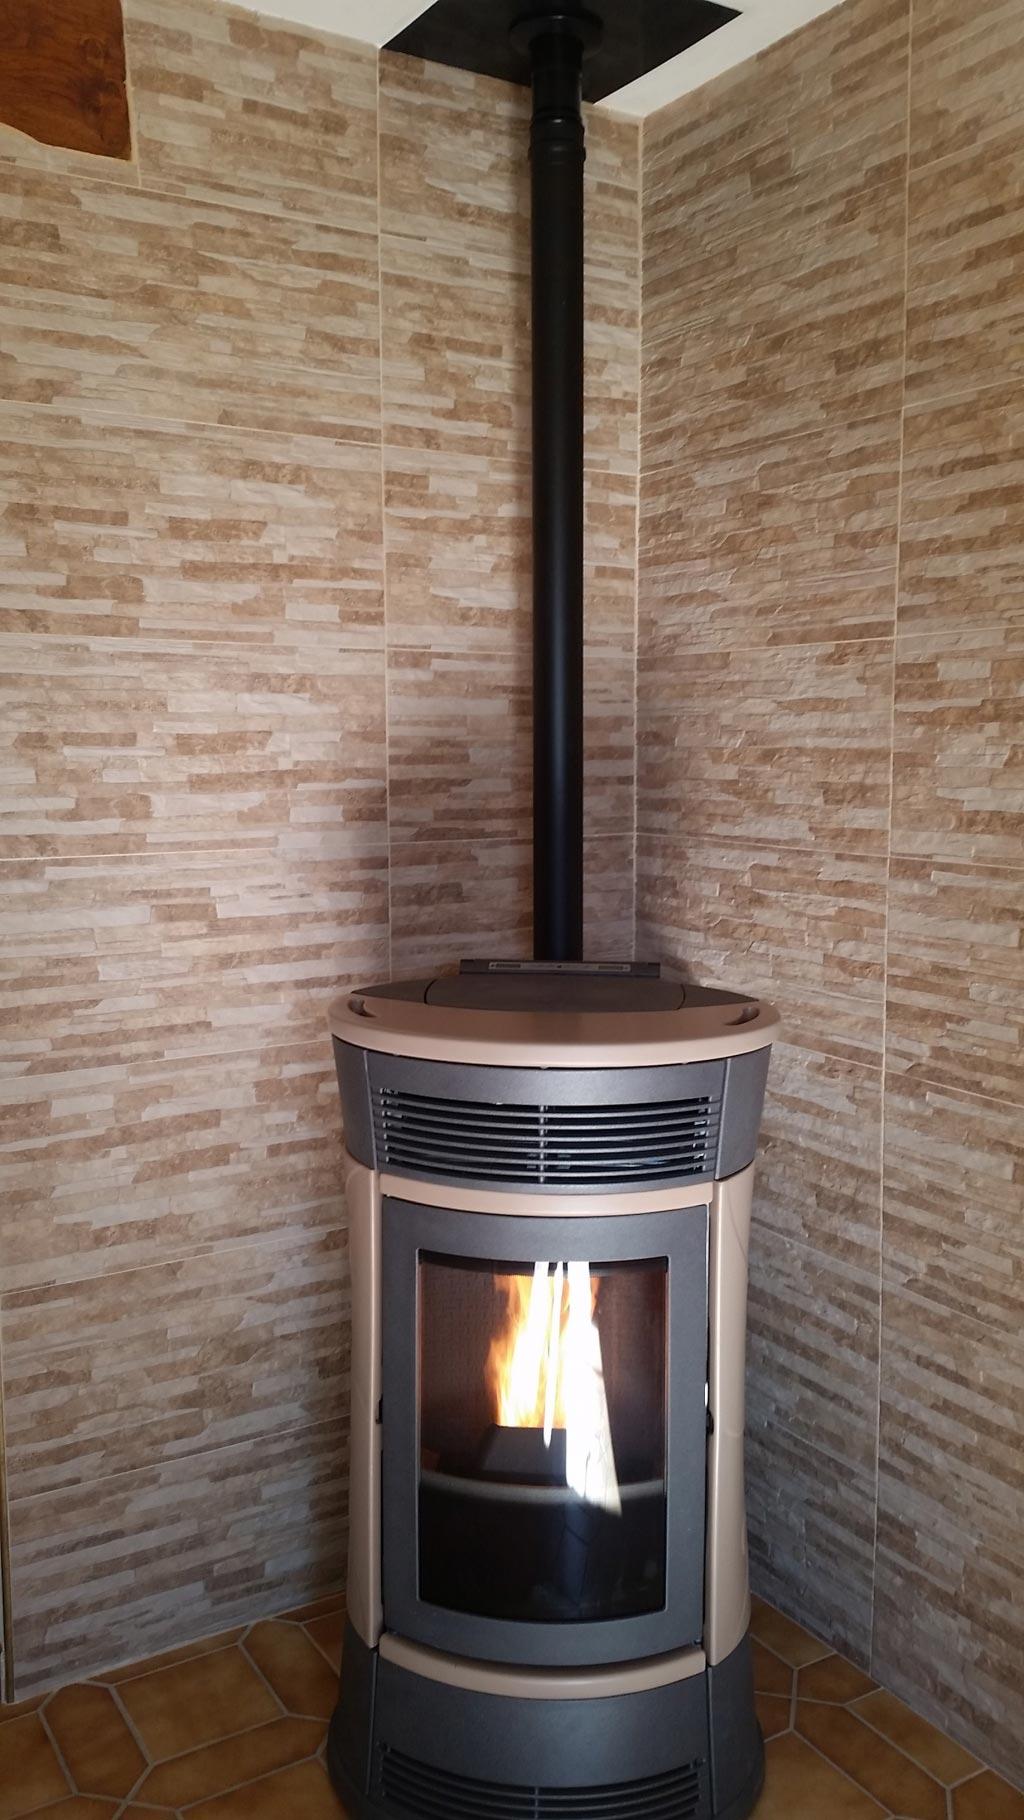 Poêle à granulés de bois pellets Edilkamin à Puiseaux 45